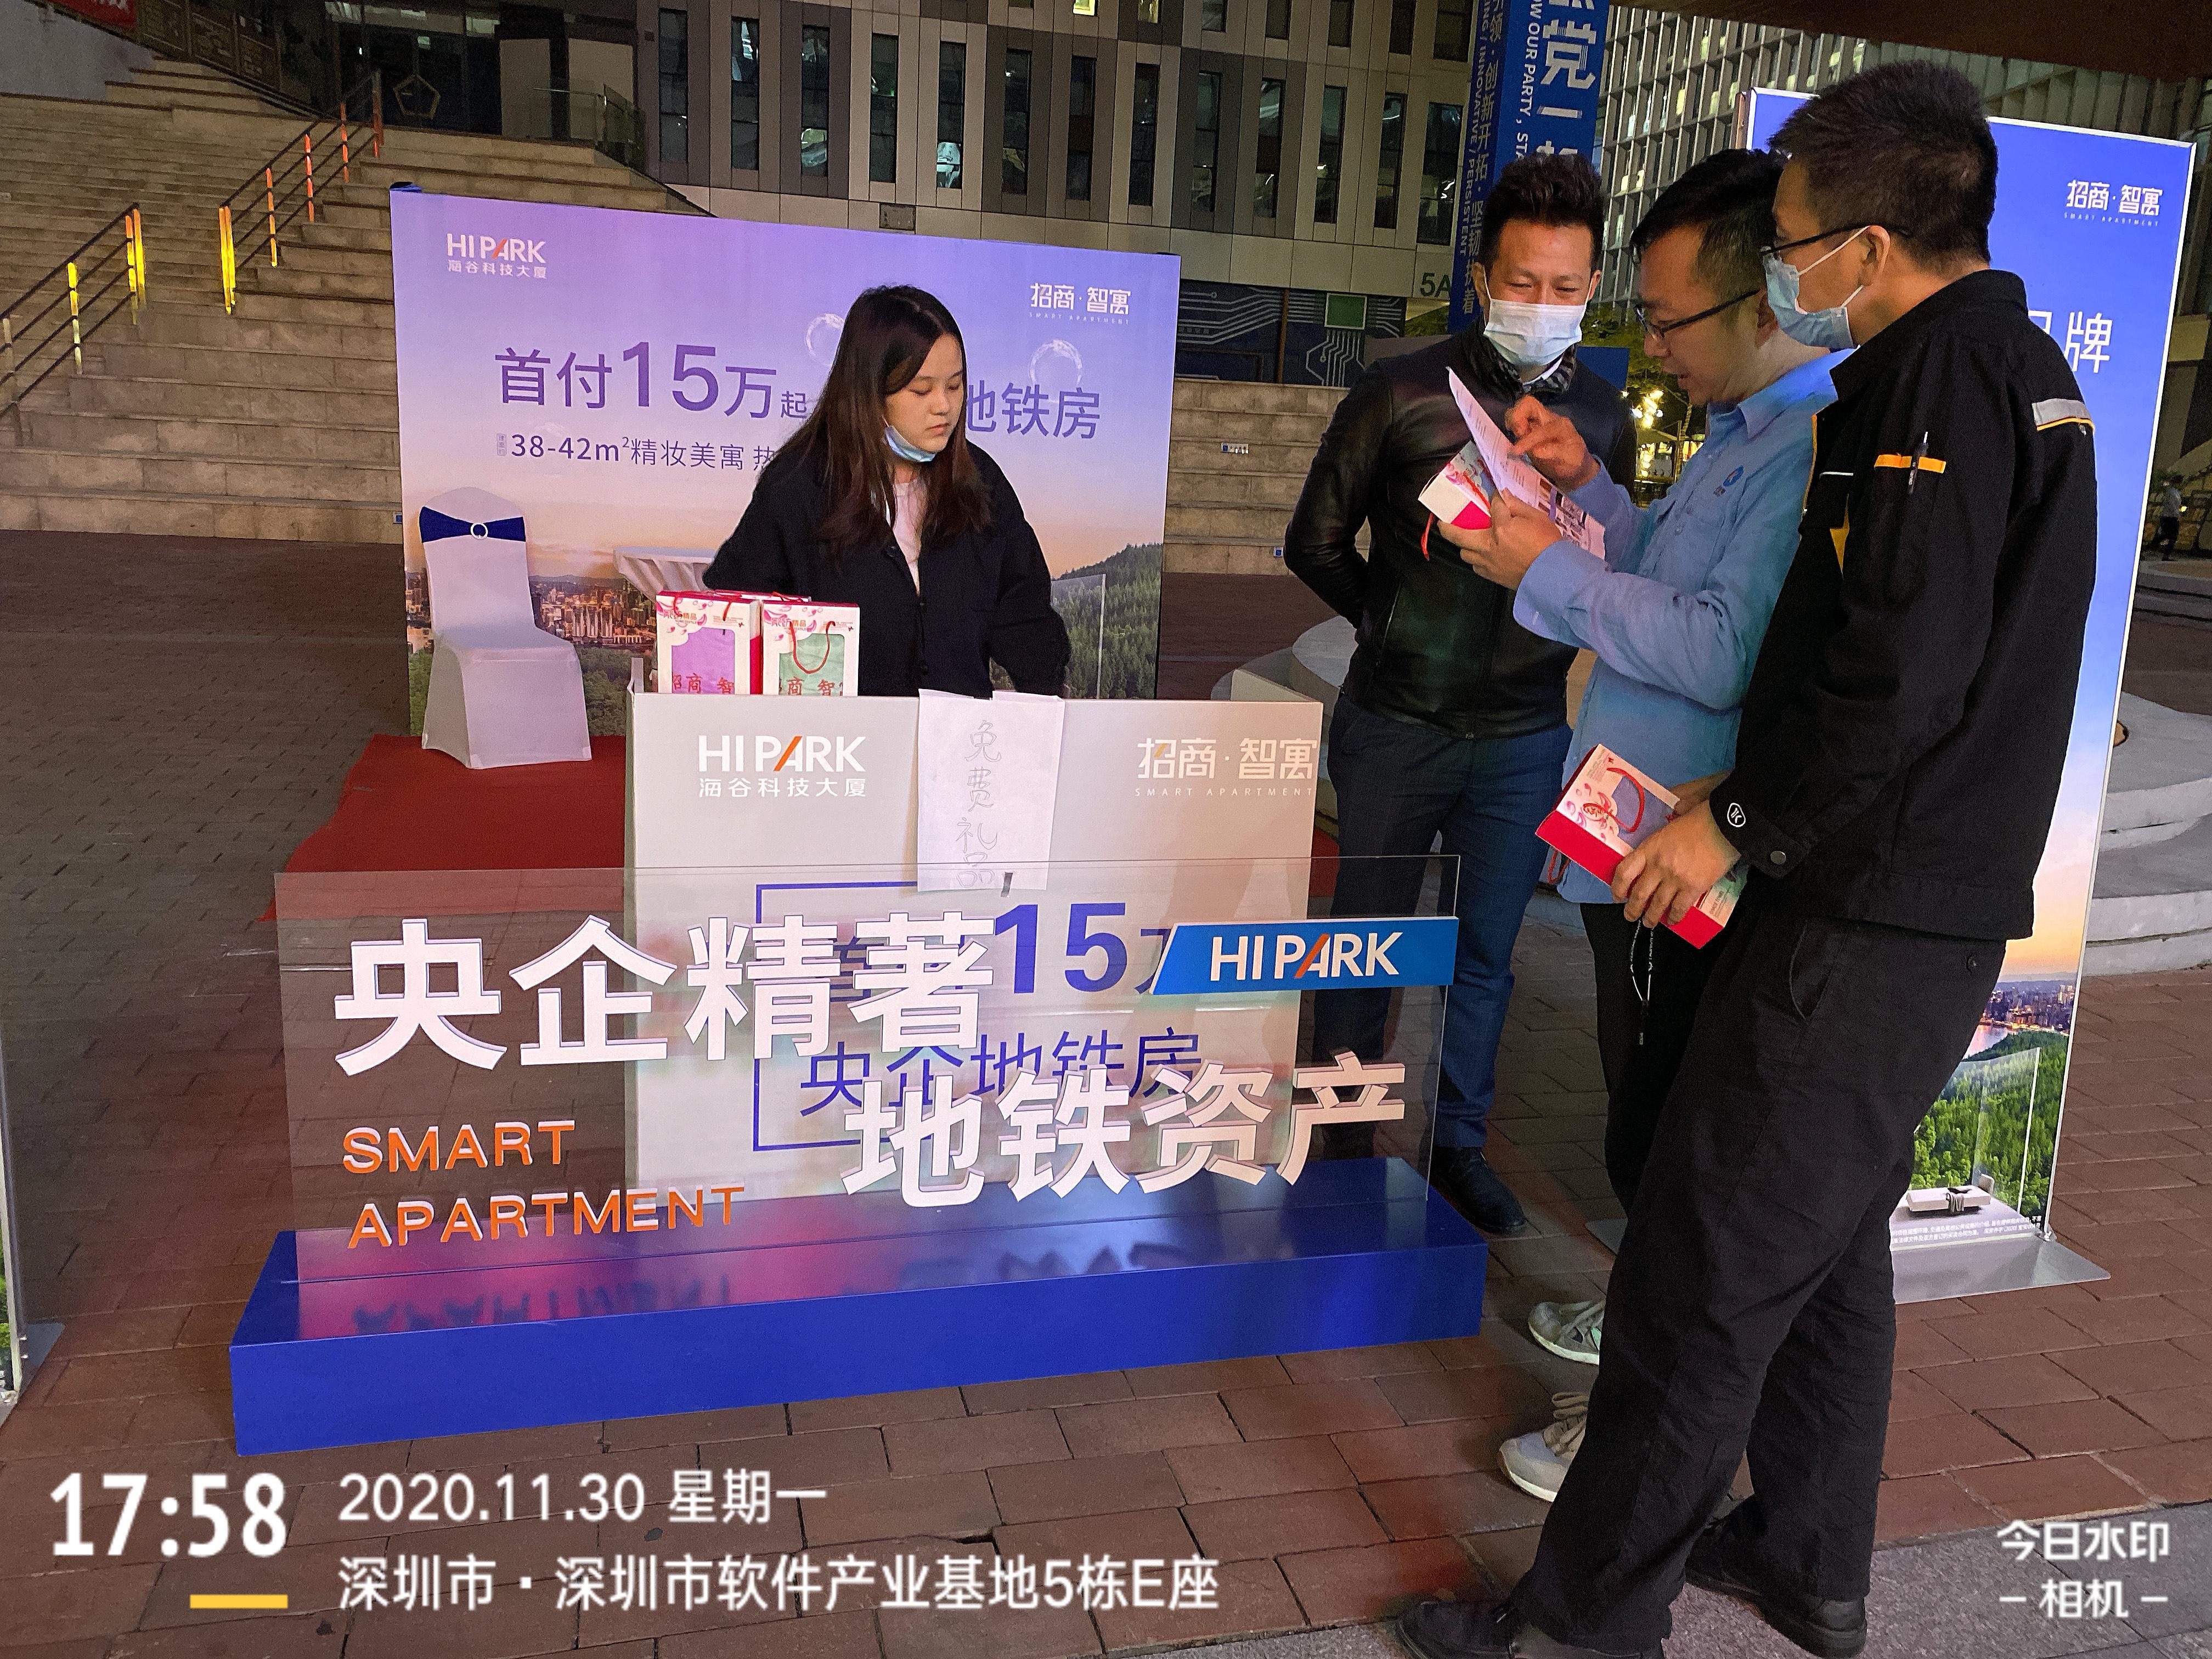 招商•智寓公寓楼盘推广-深圳软件产业基地